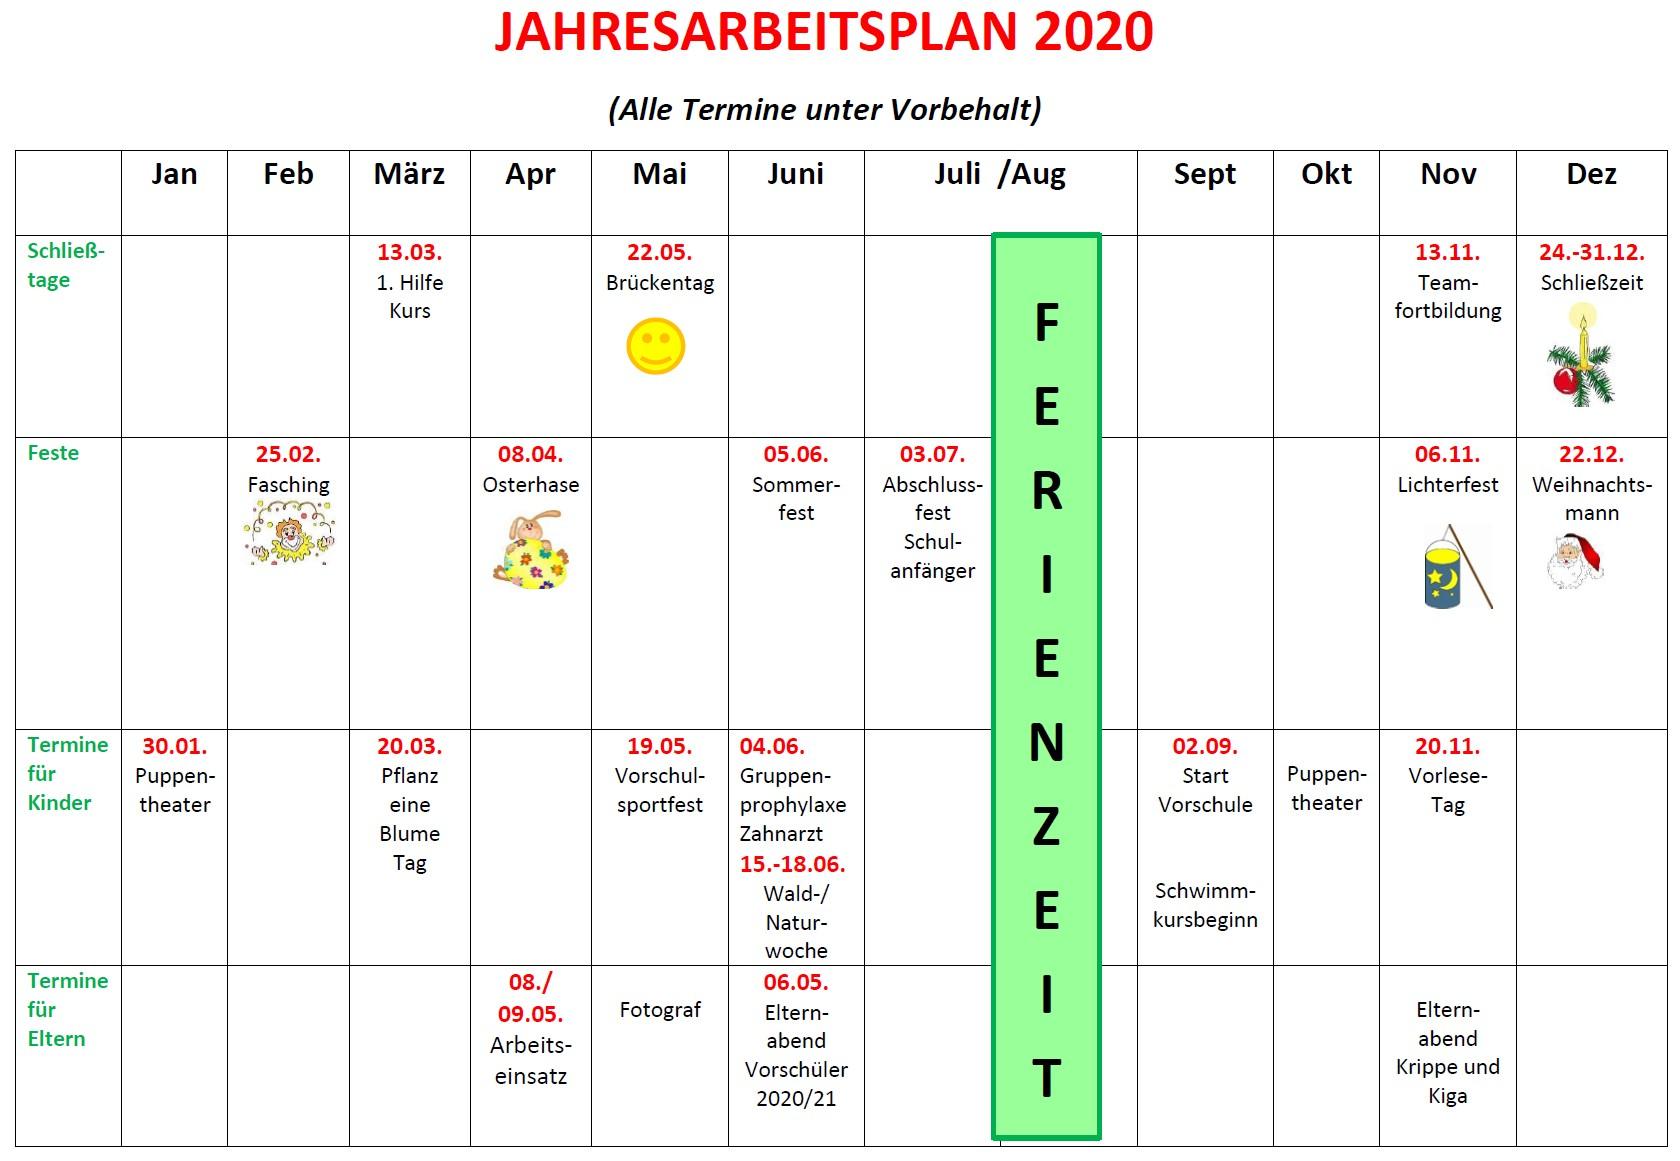 Jahresarbeitsplan2020